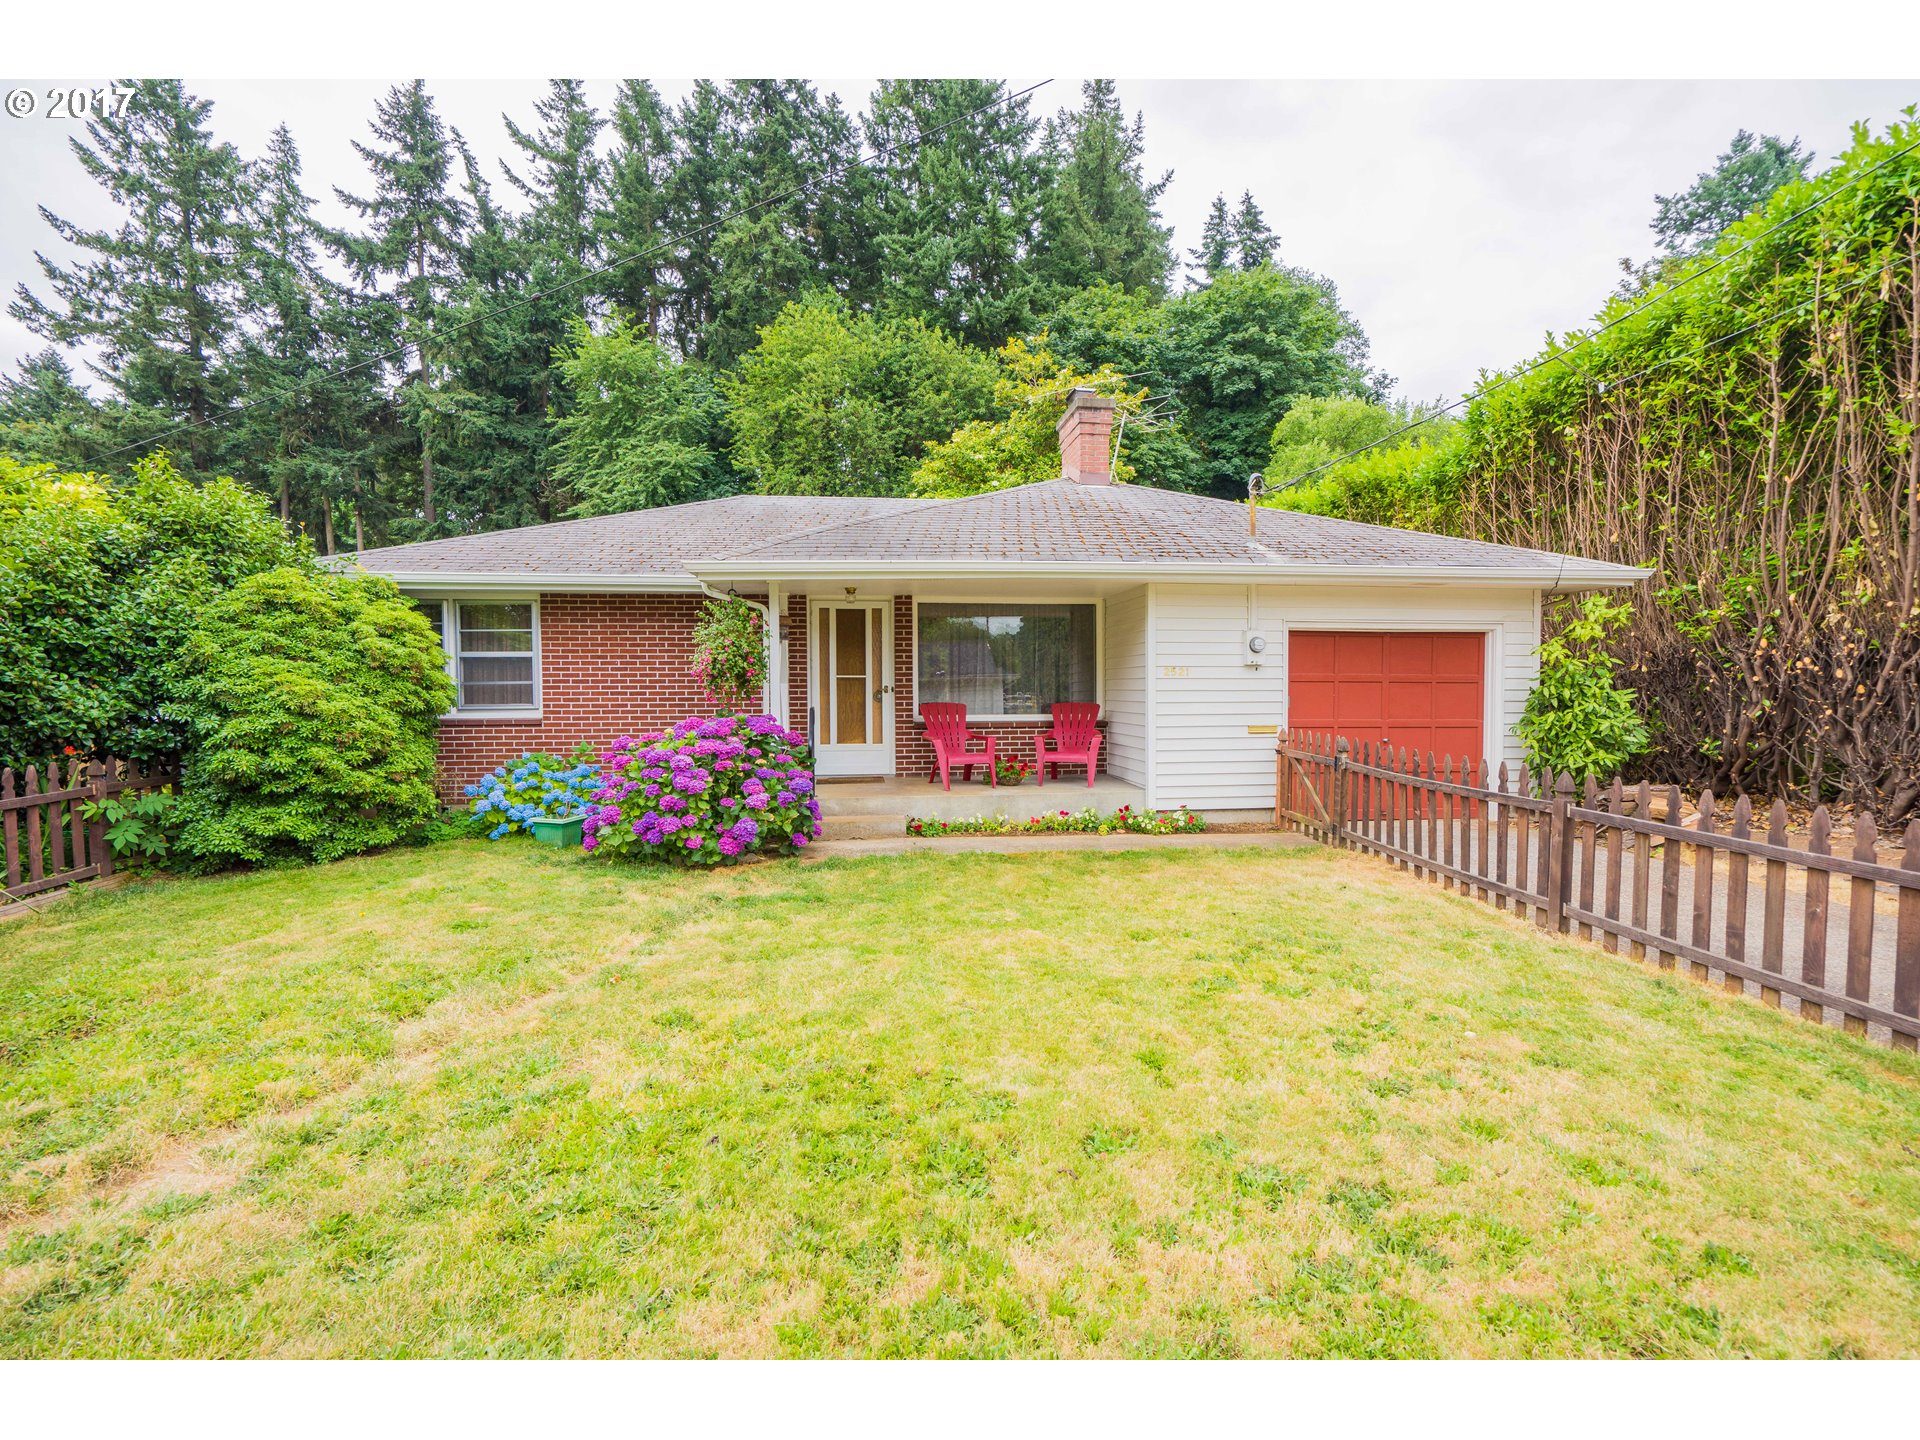 2521 E 20TH ST, Vancouver, WA 98661